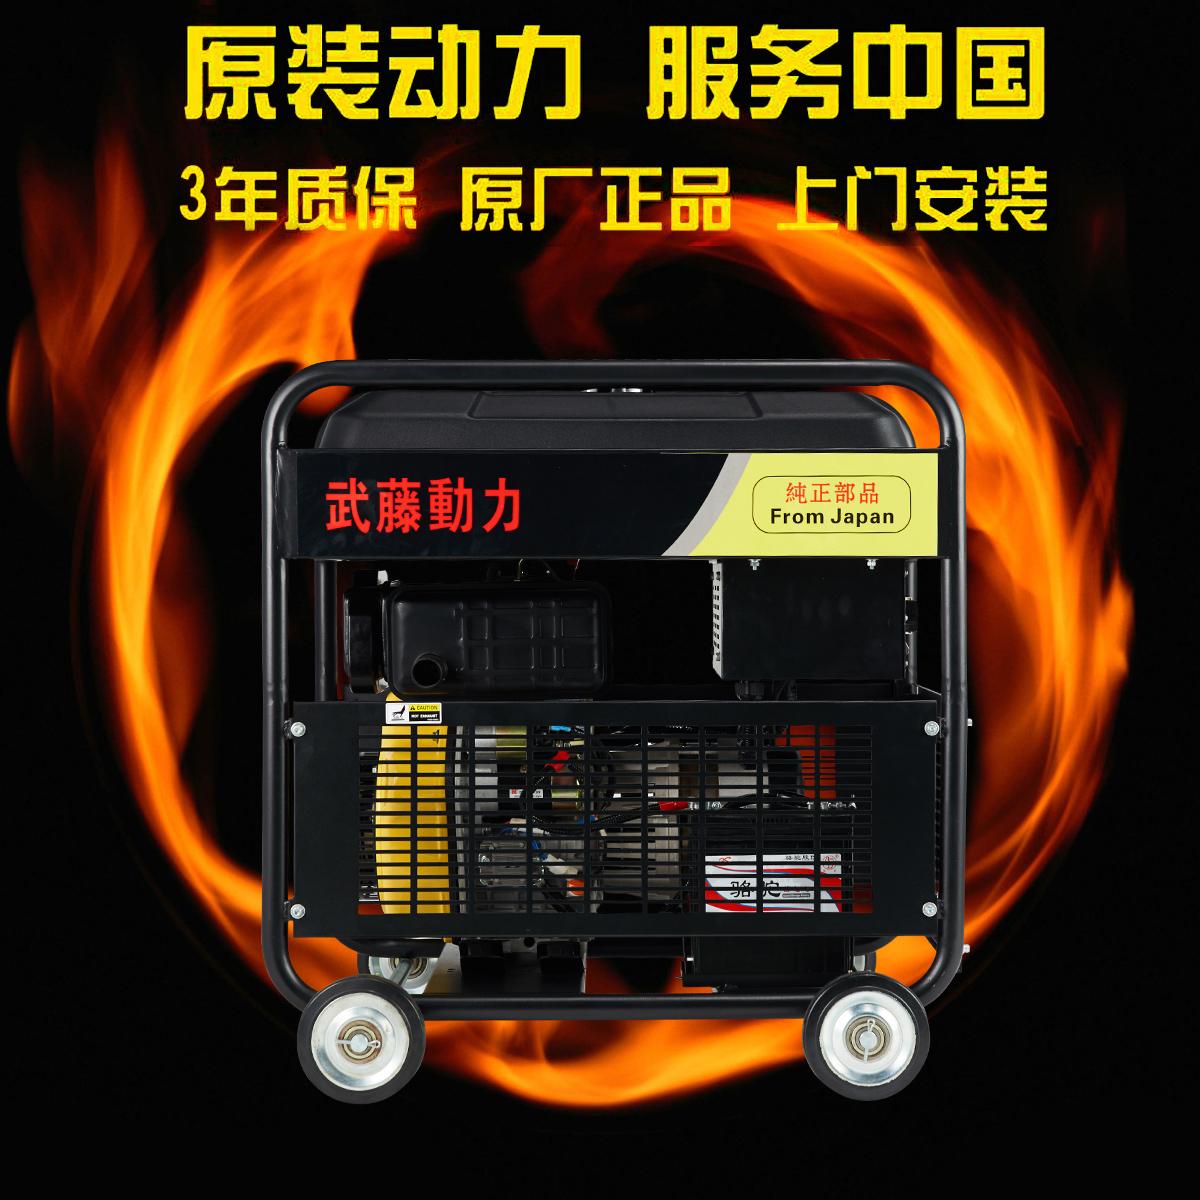 180A直销柴油发电电焊机YOTO6500EW